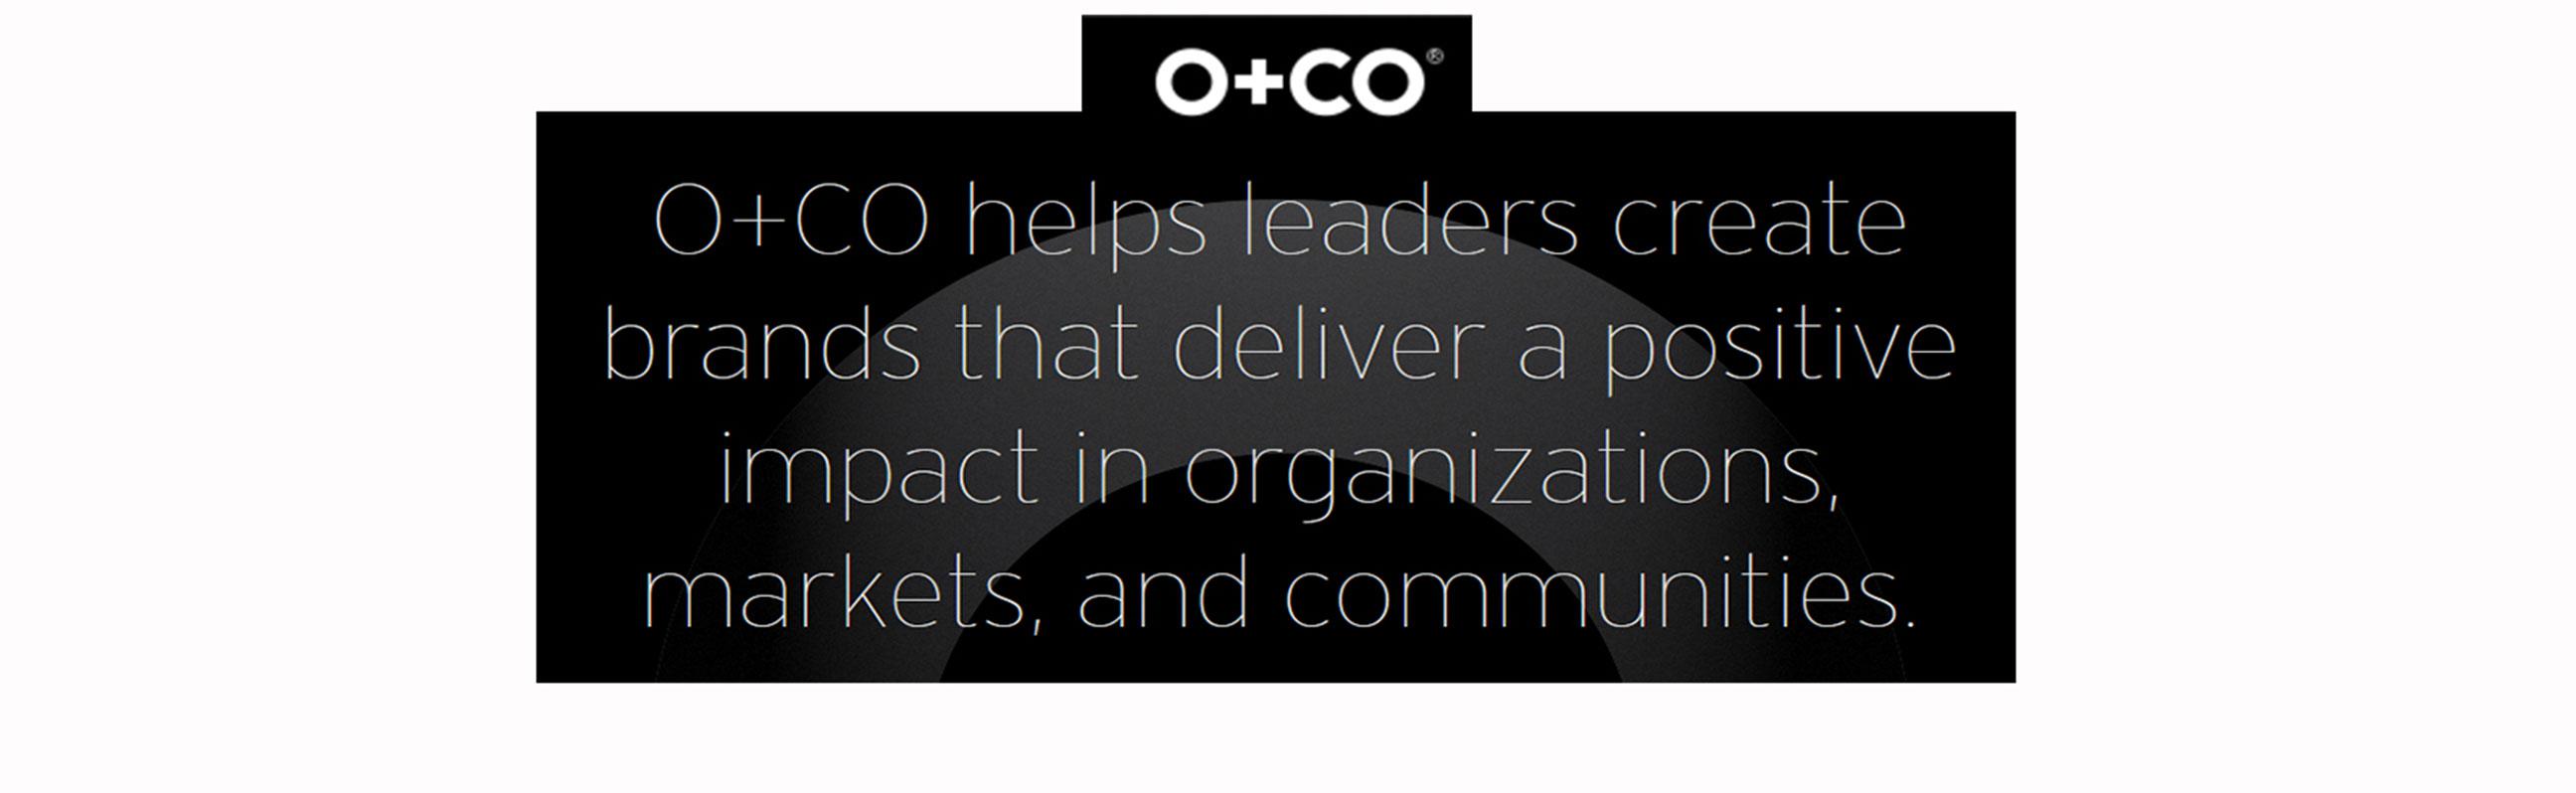 Meet Brent Oppenheimer, Founder of O+CO